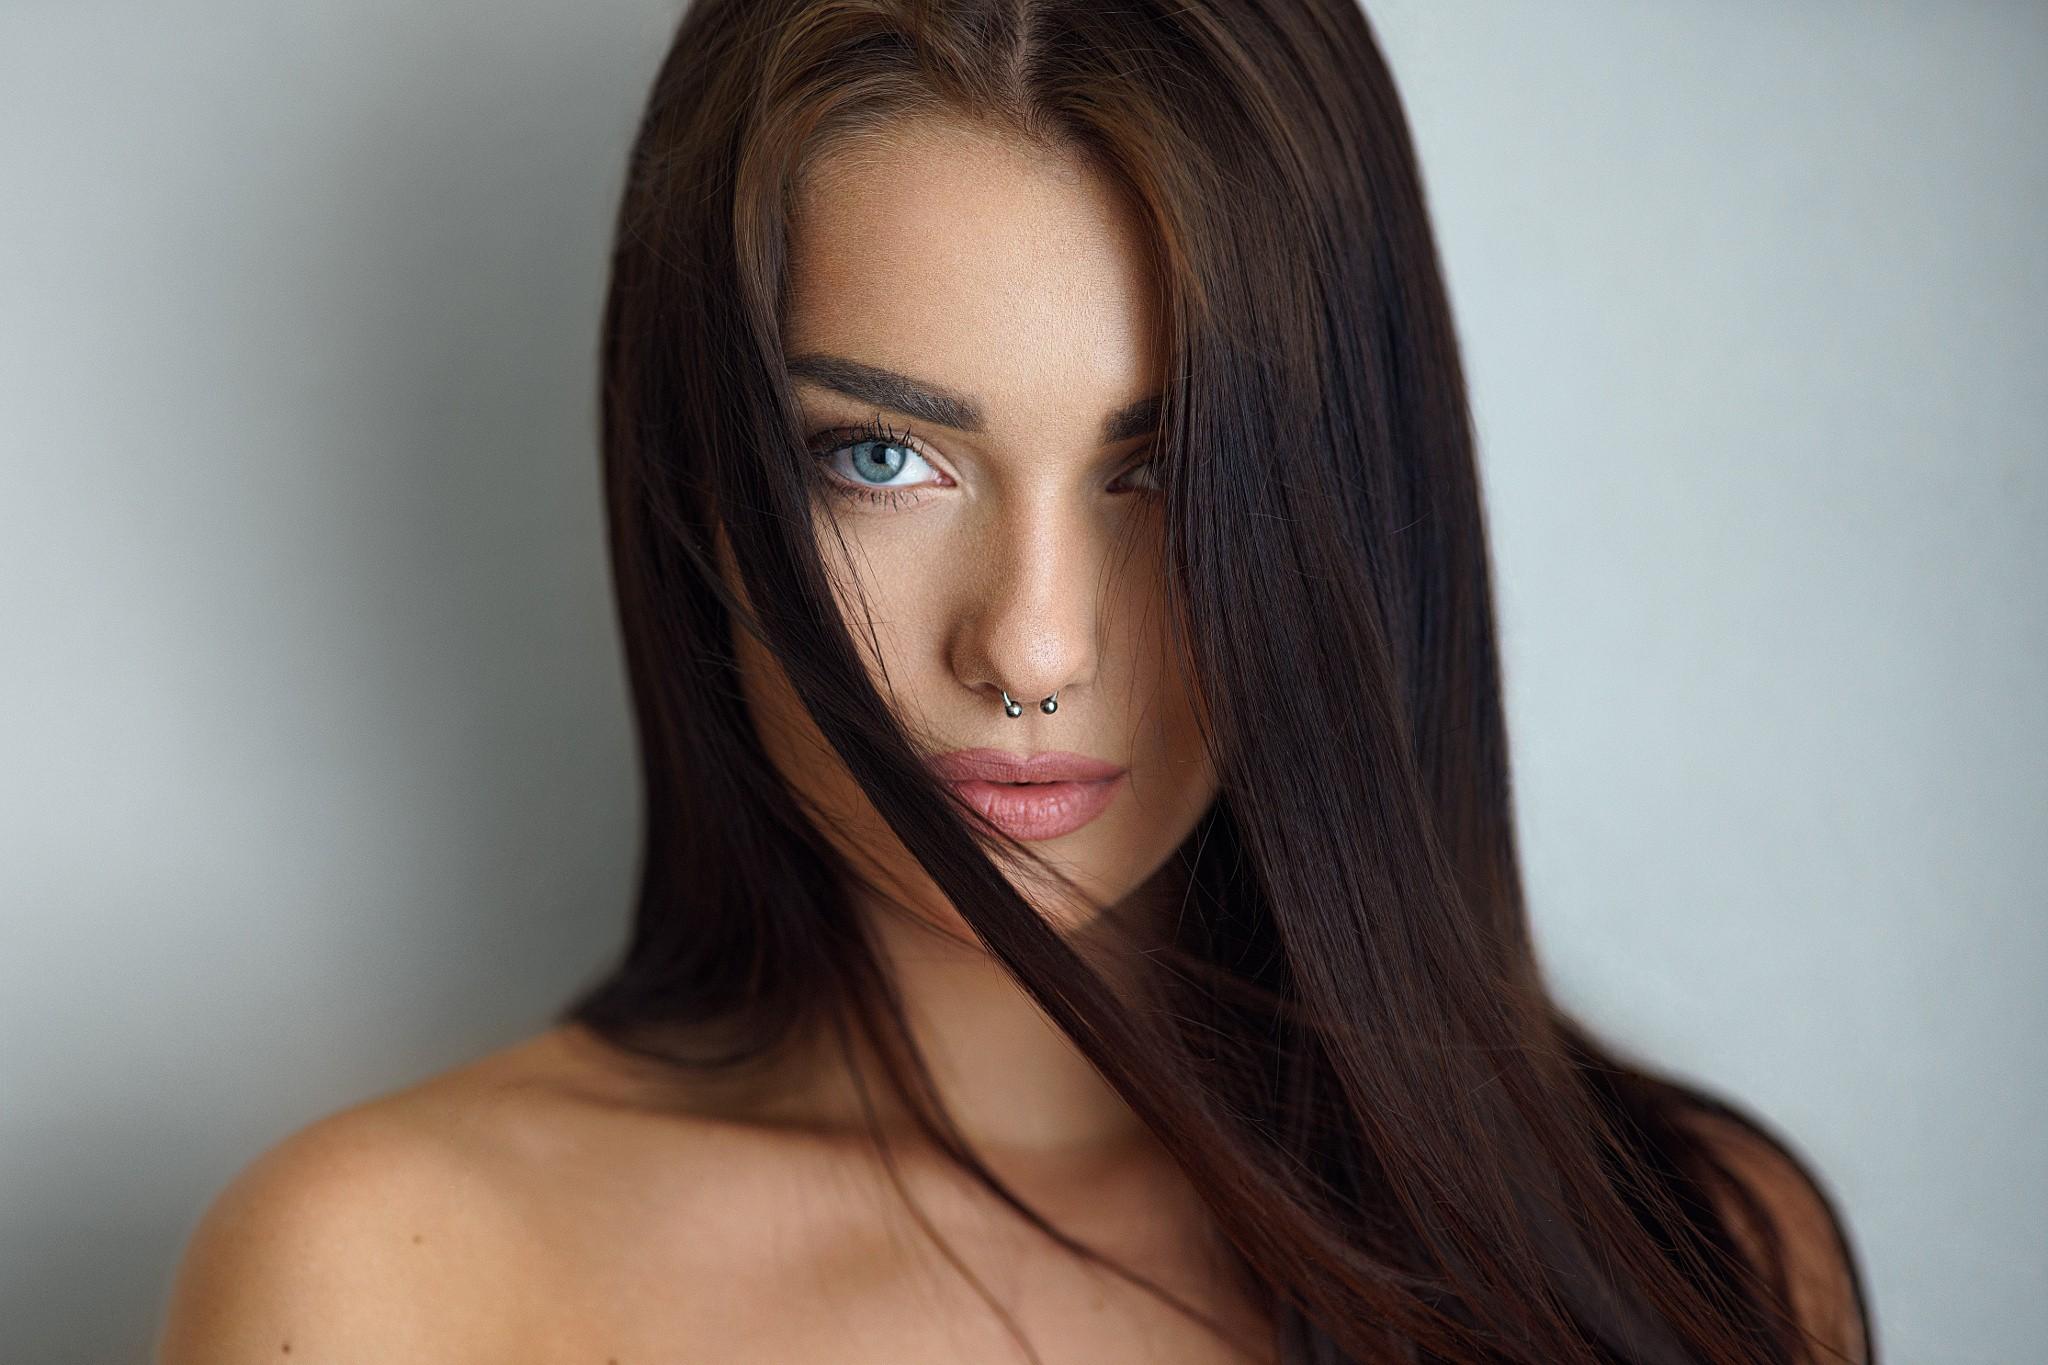 Wallpaper Face Women Model Nose Rings Long Hair: Wallpaper : Women, Simple Background, Long Hair, Blue Eyes